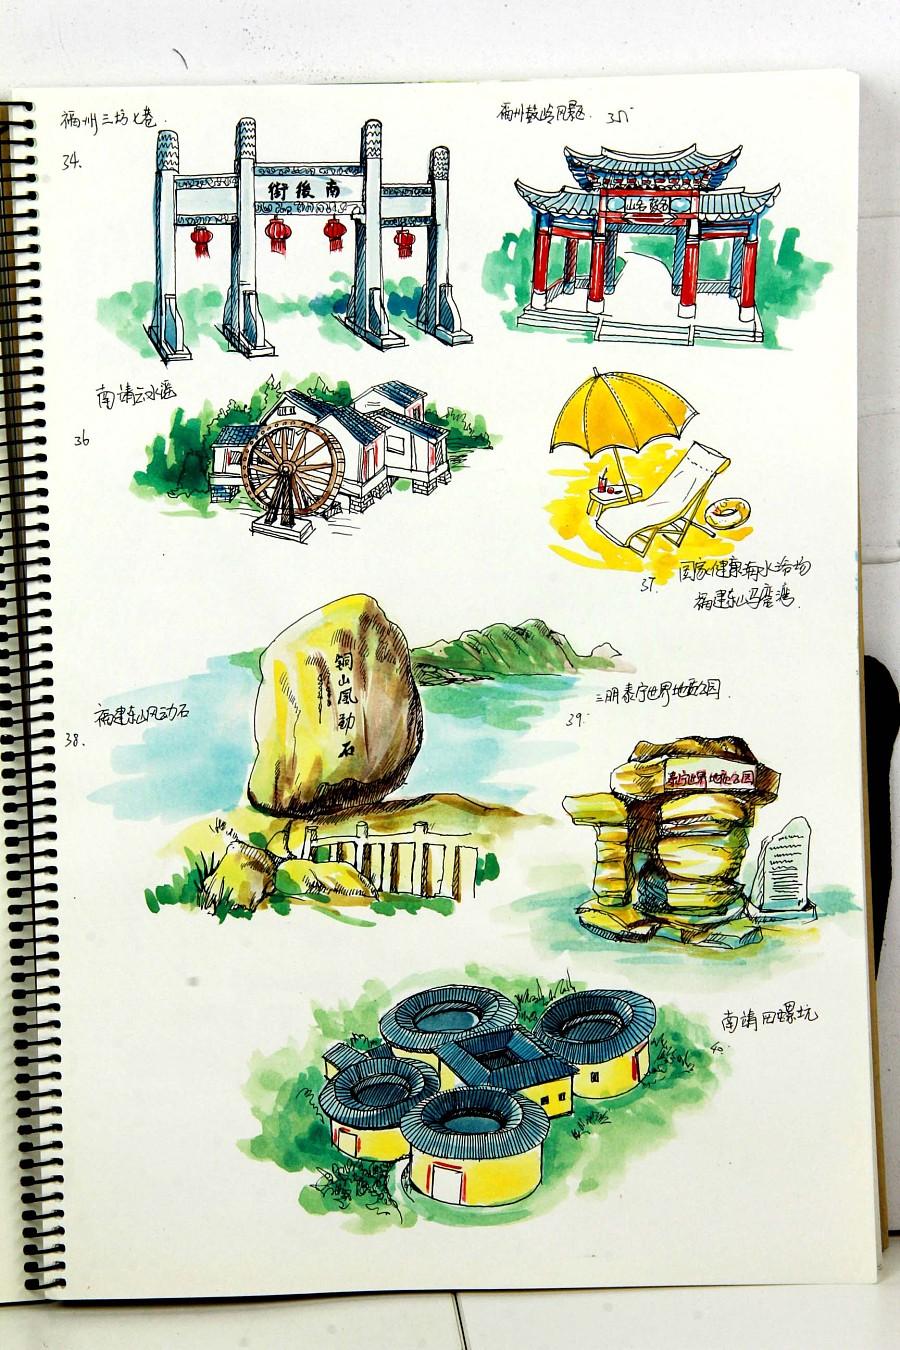 福建省内高铁旅游手绘地图创作绘制|水彩|纯艺